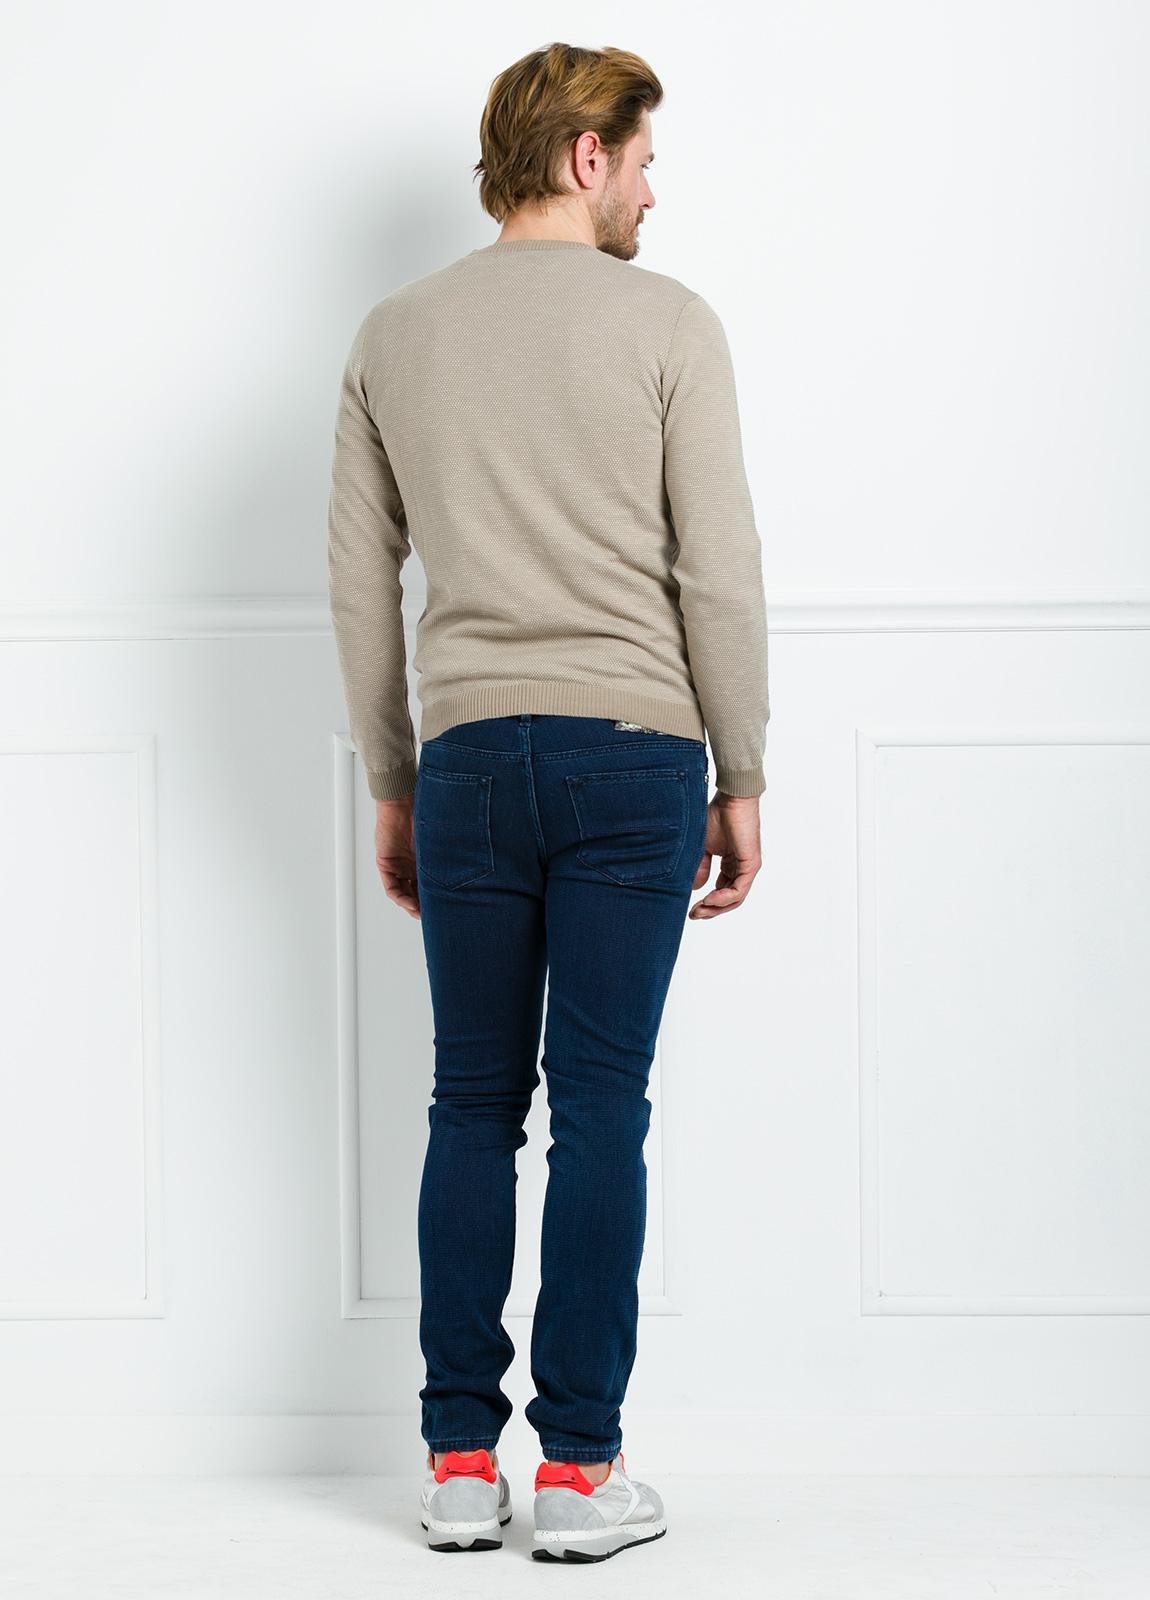 Jersey cuello redondo color beige. 100% Algodón - Ítem3